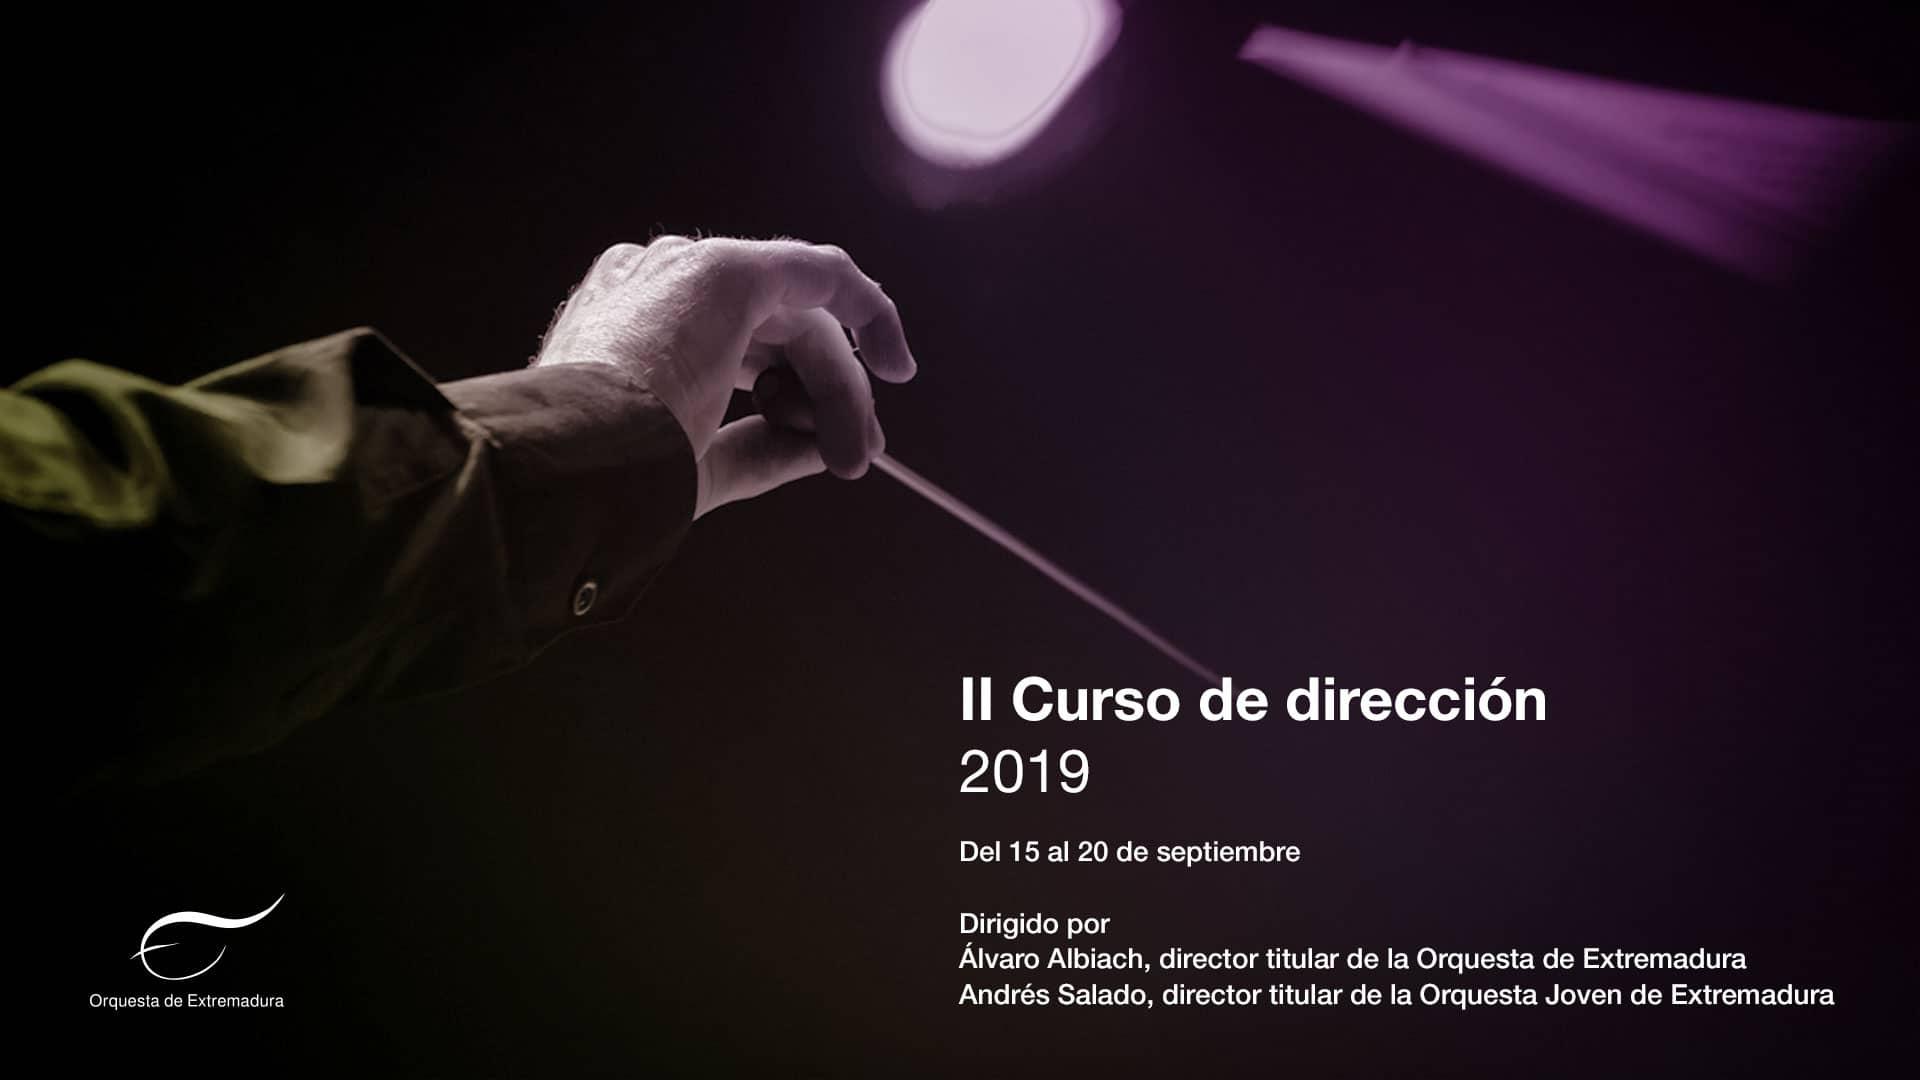 II Curso de Dirección de la Orquesta de Extremadura